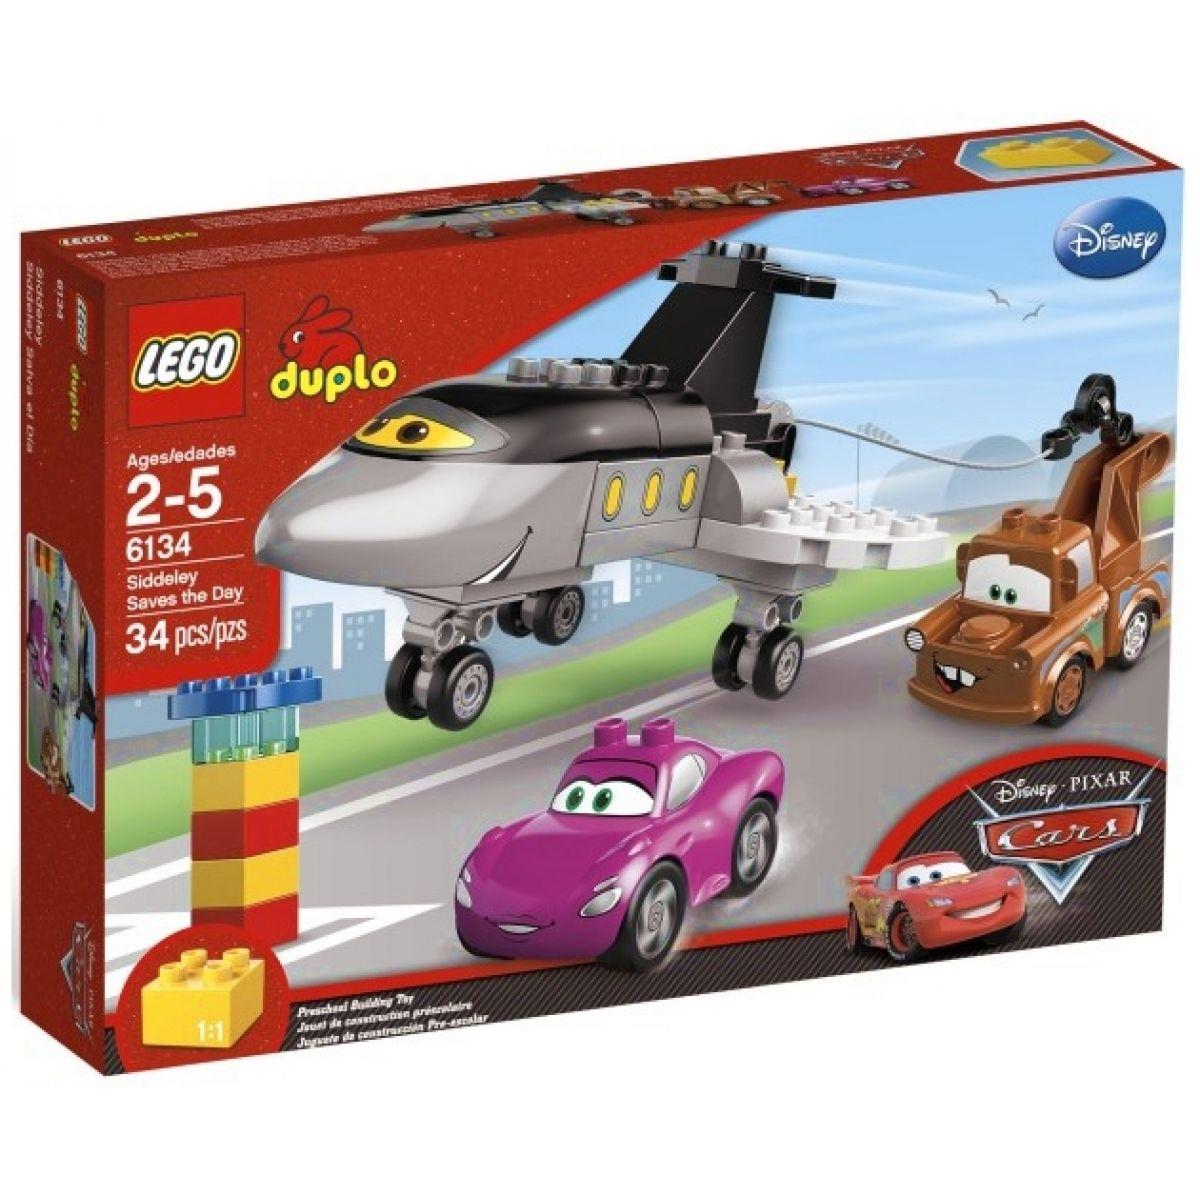 LEGO DUPLO Cars 6134 Tryskáč Siddeley zasahuje